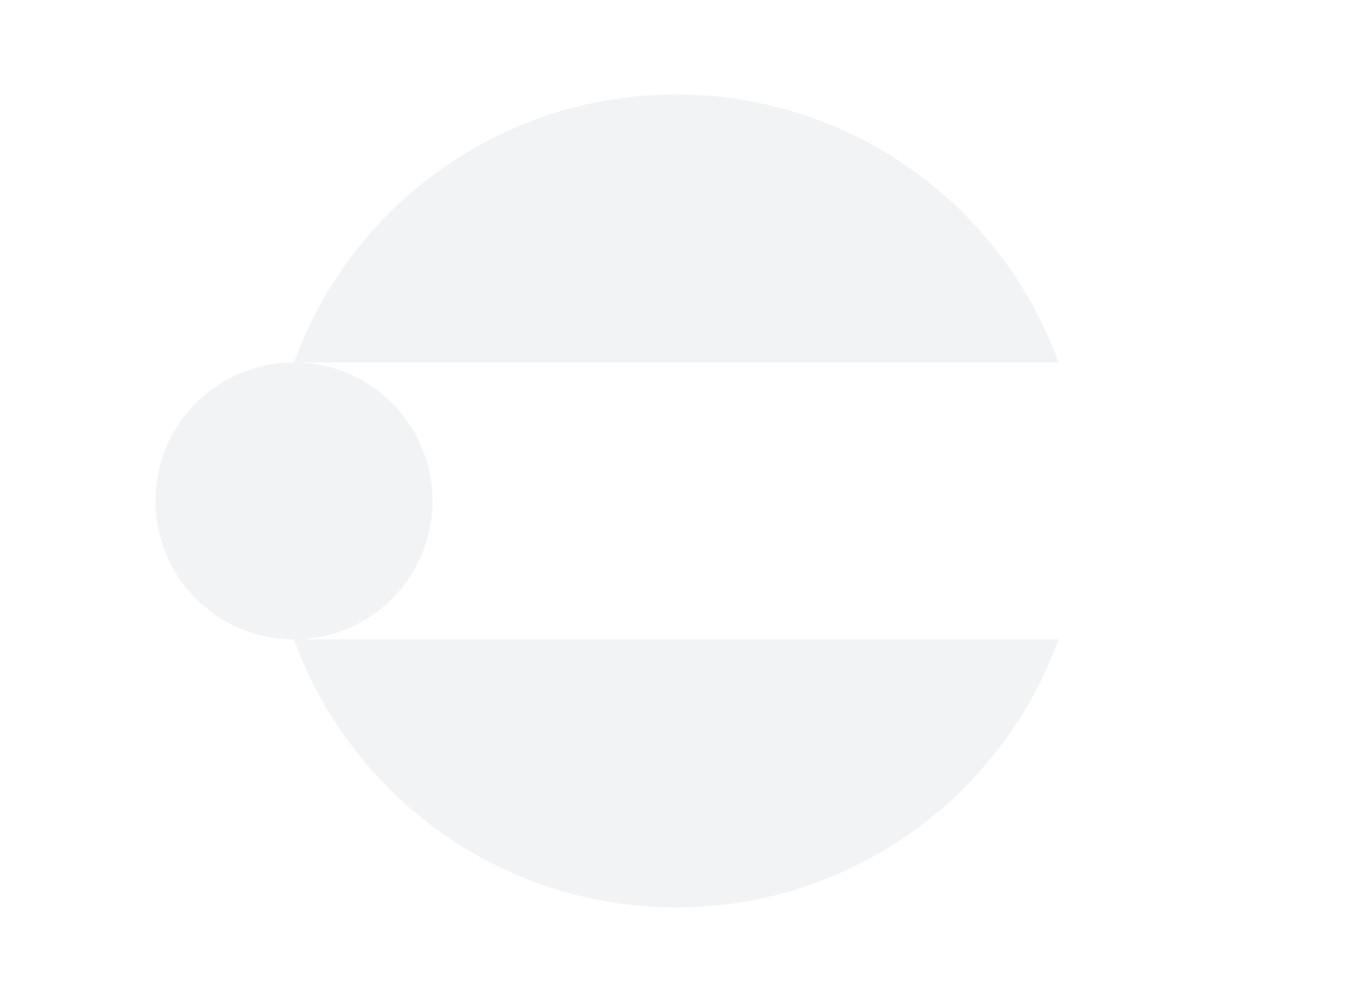 Phobos Lunar VCF